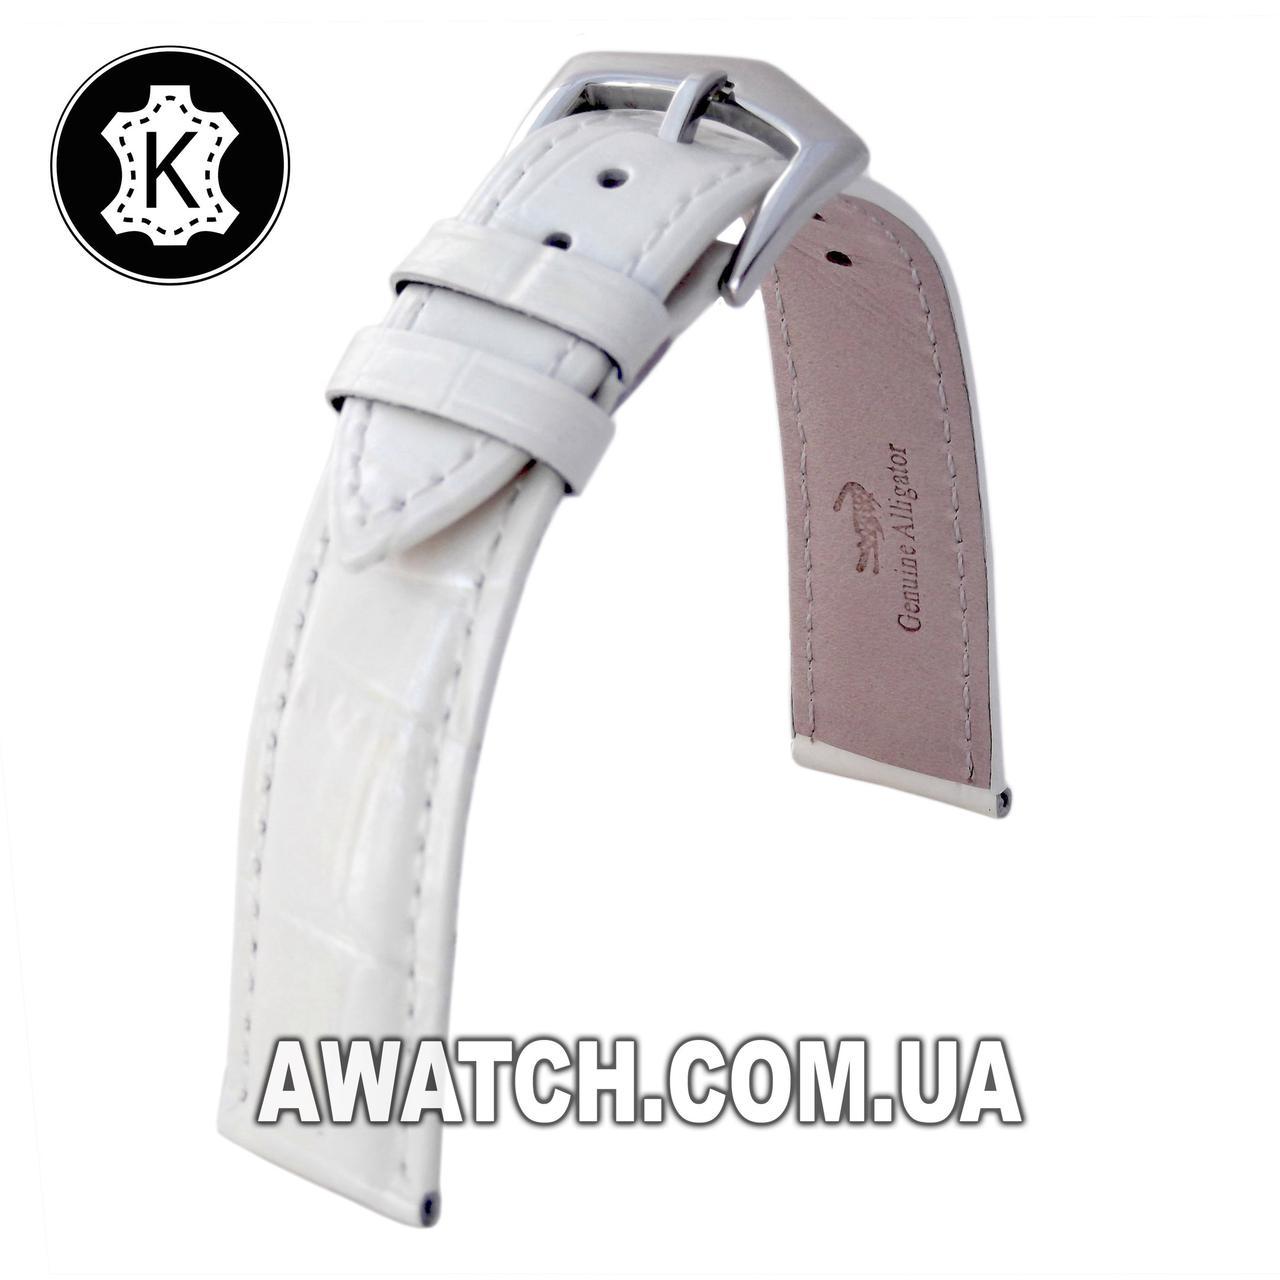 Ремінець шкіряний Catfskin для наручних годинників з класичною застібкою, білий, 18 мм